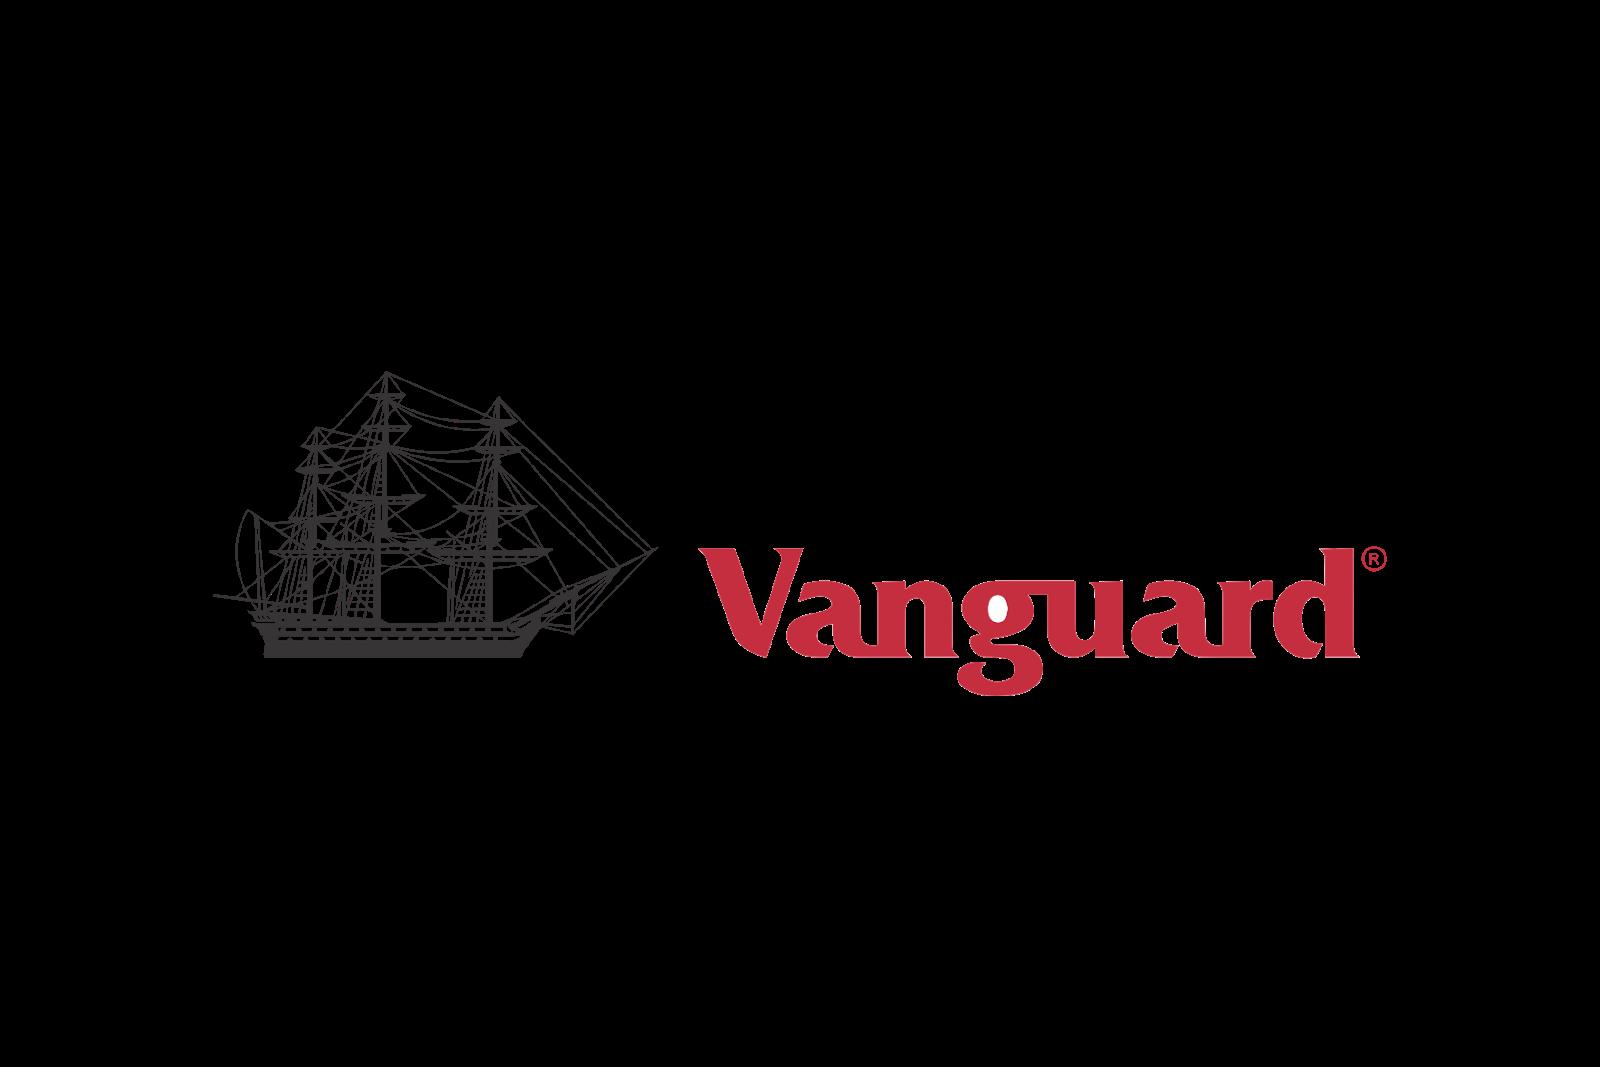 Vanguard logo png